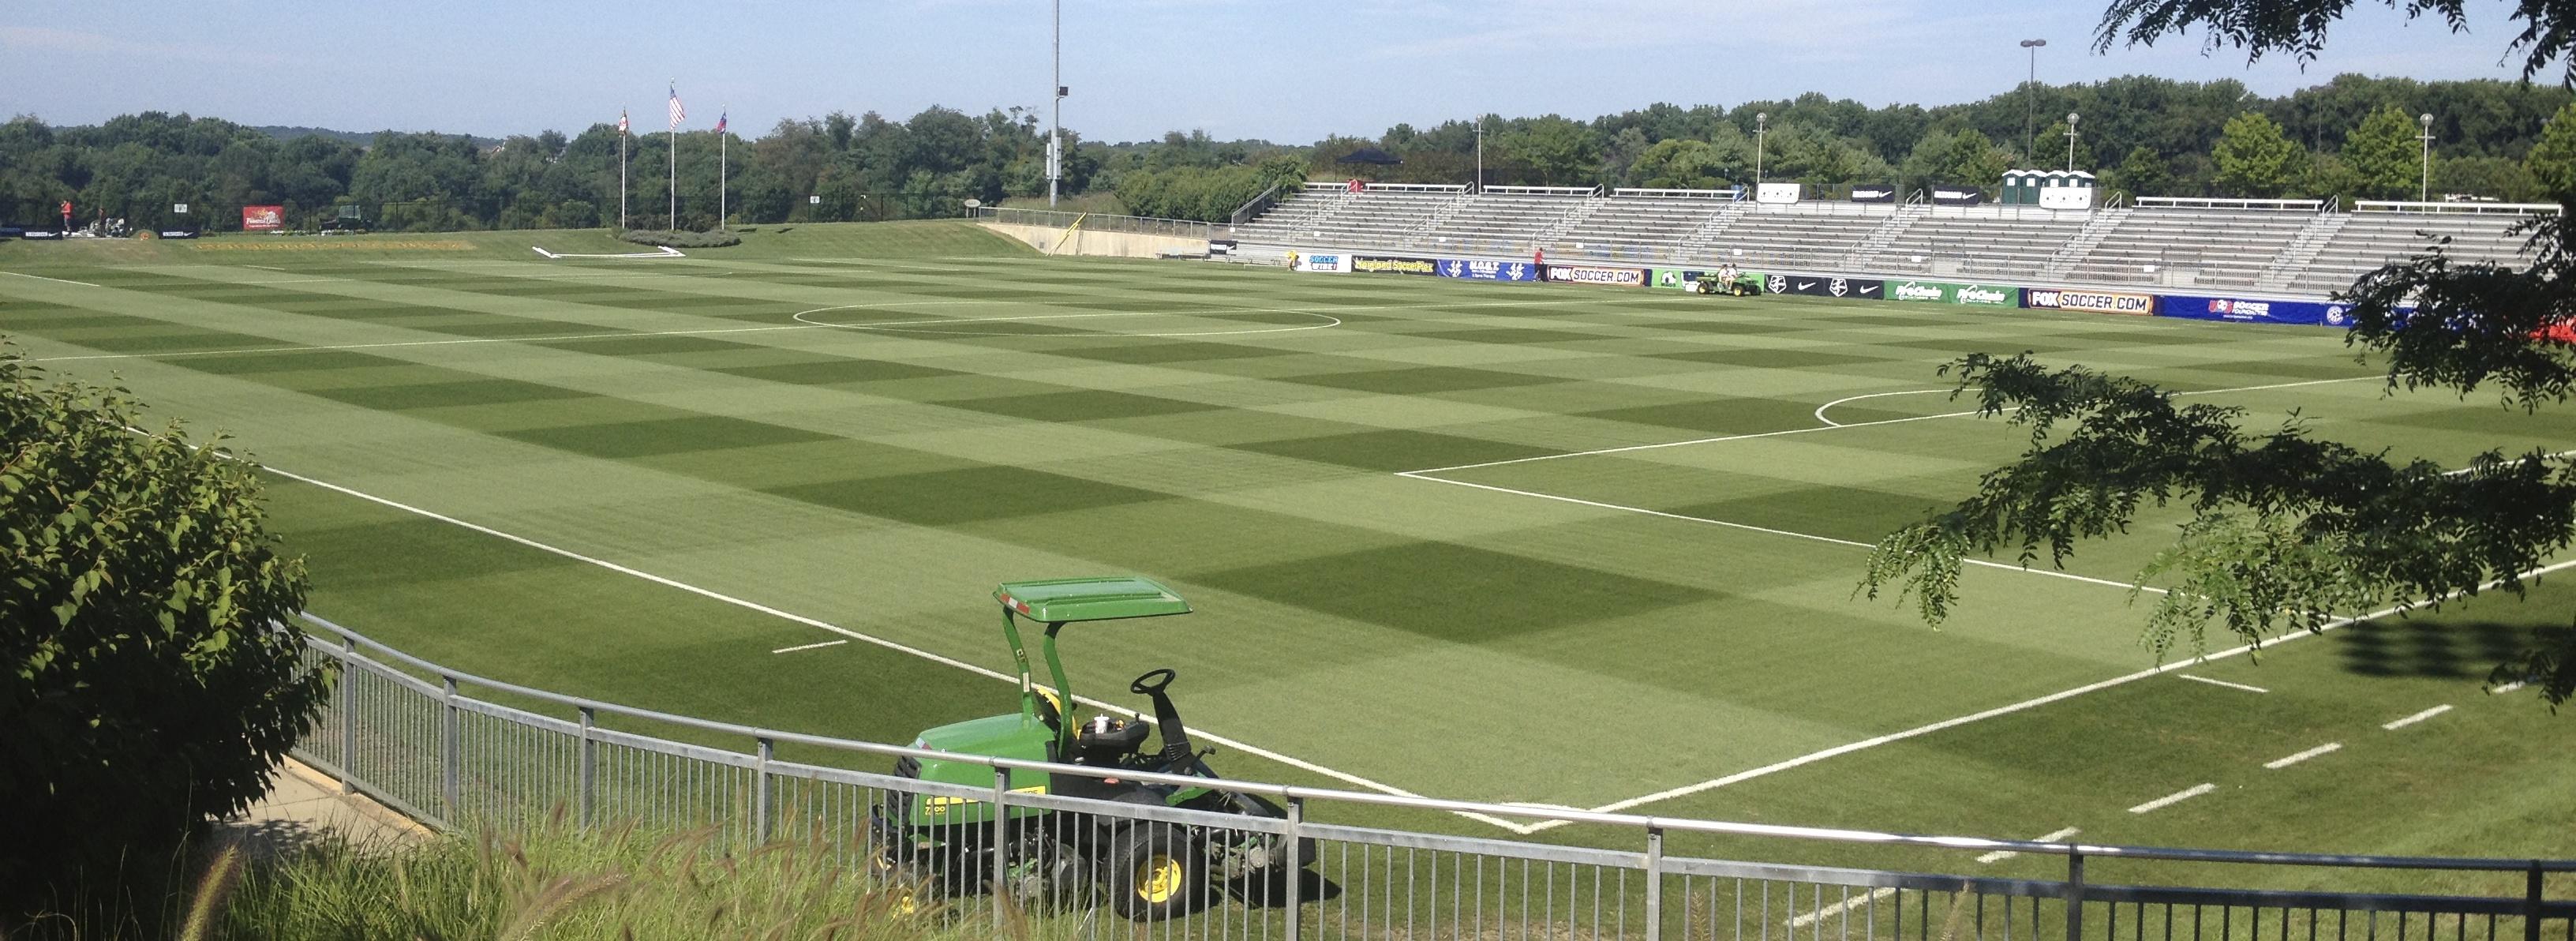 img_3419 green grass soccer field10 green